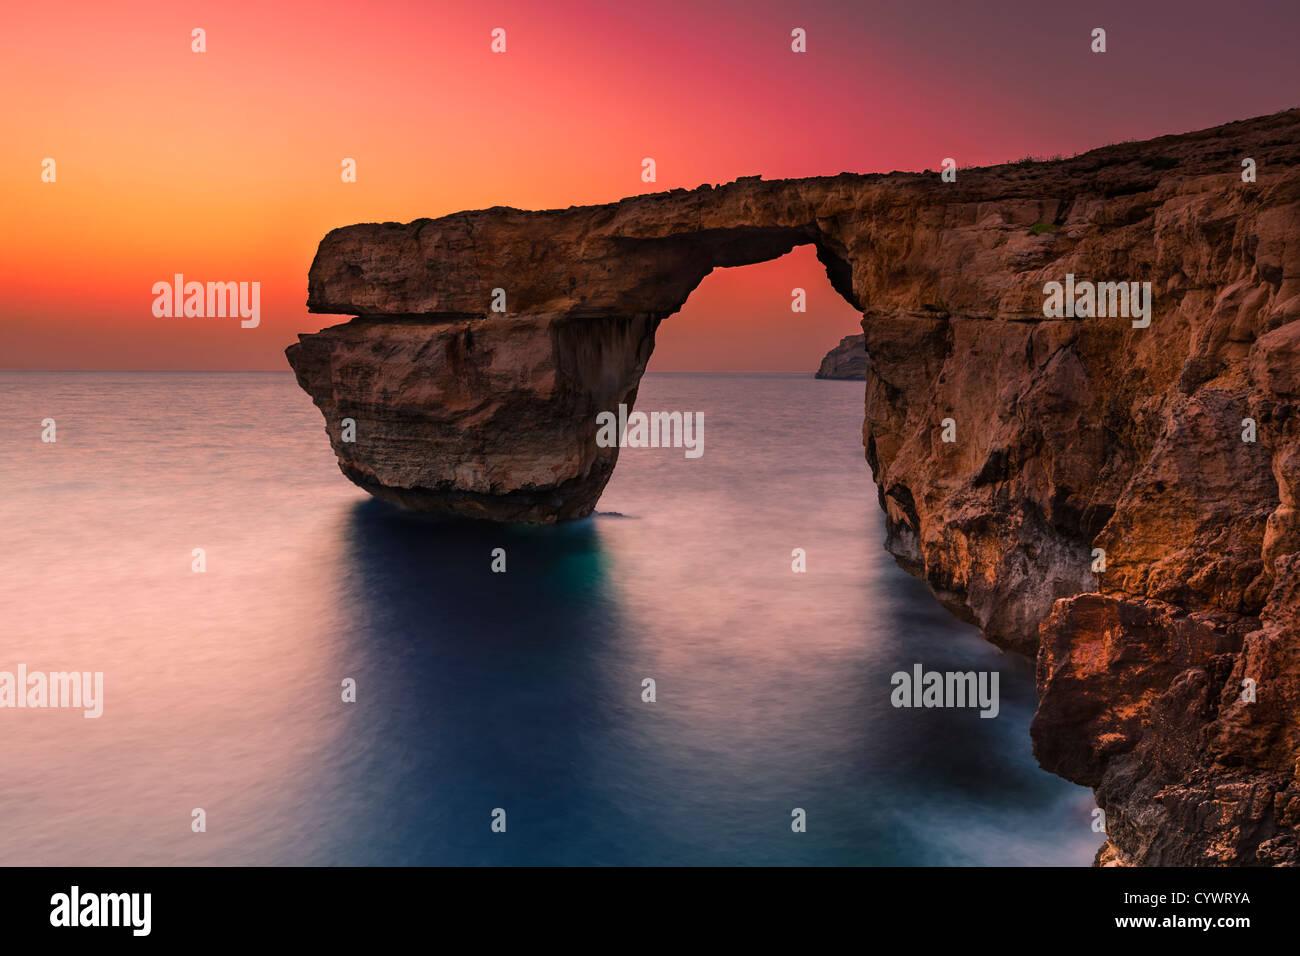 La fenêtre d'Azur, sur la côte de l'île maltaise de Gozo Photo Stock